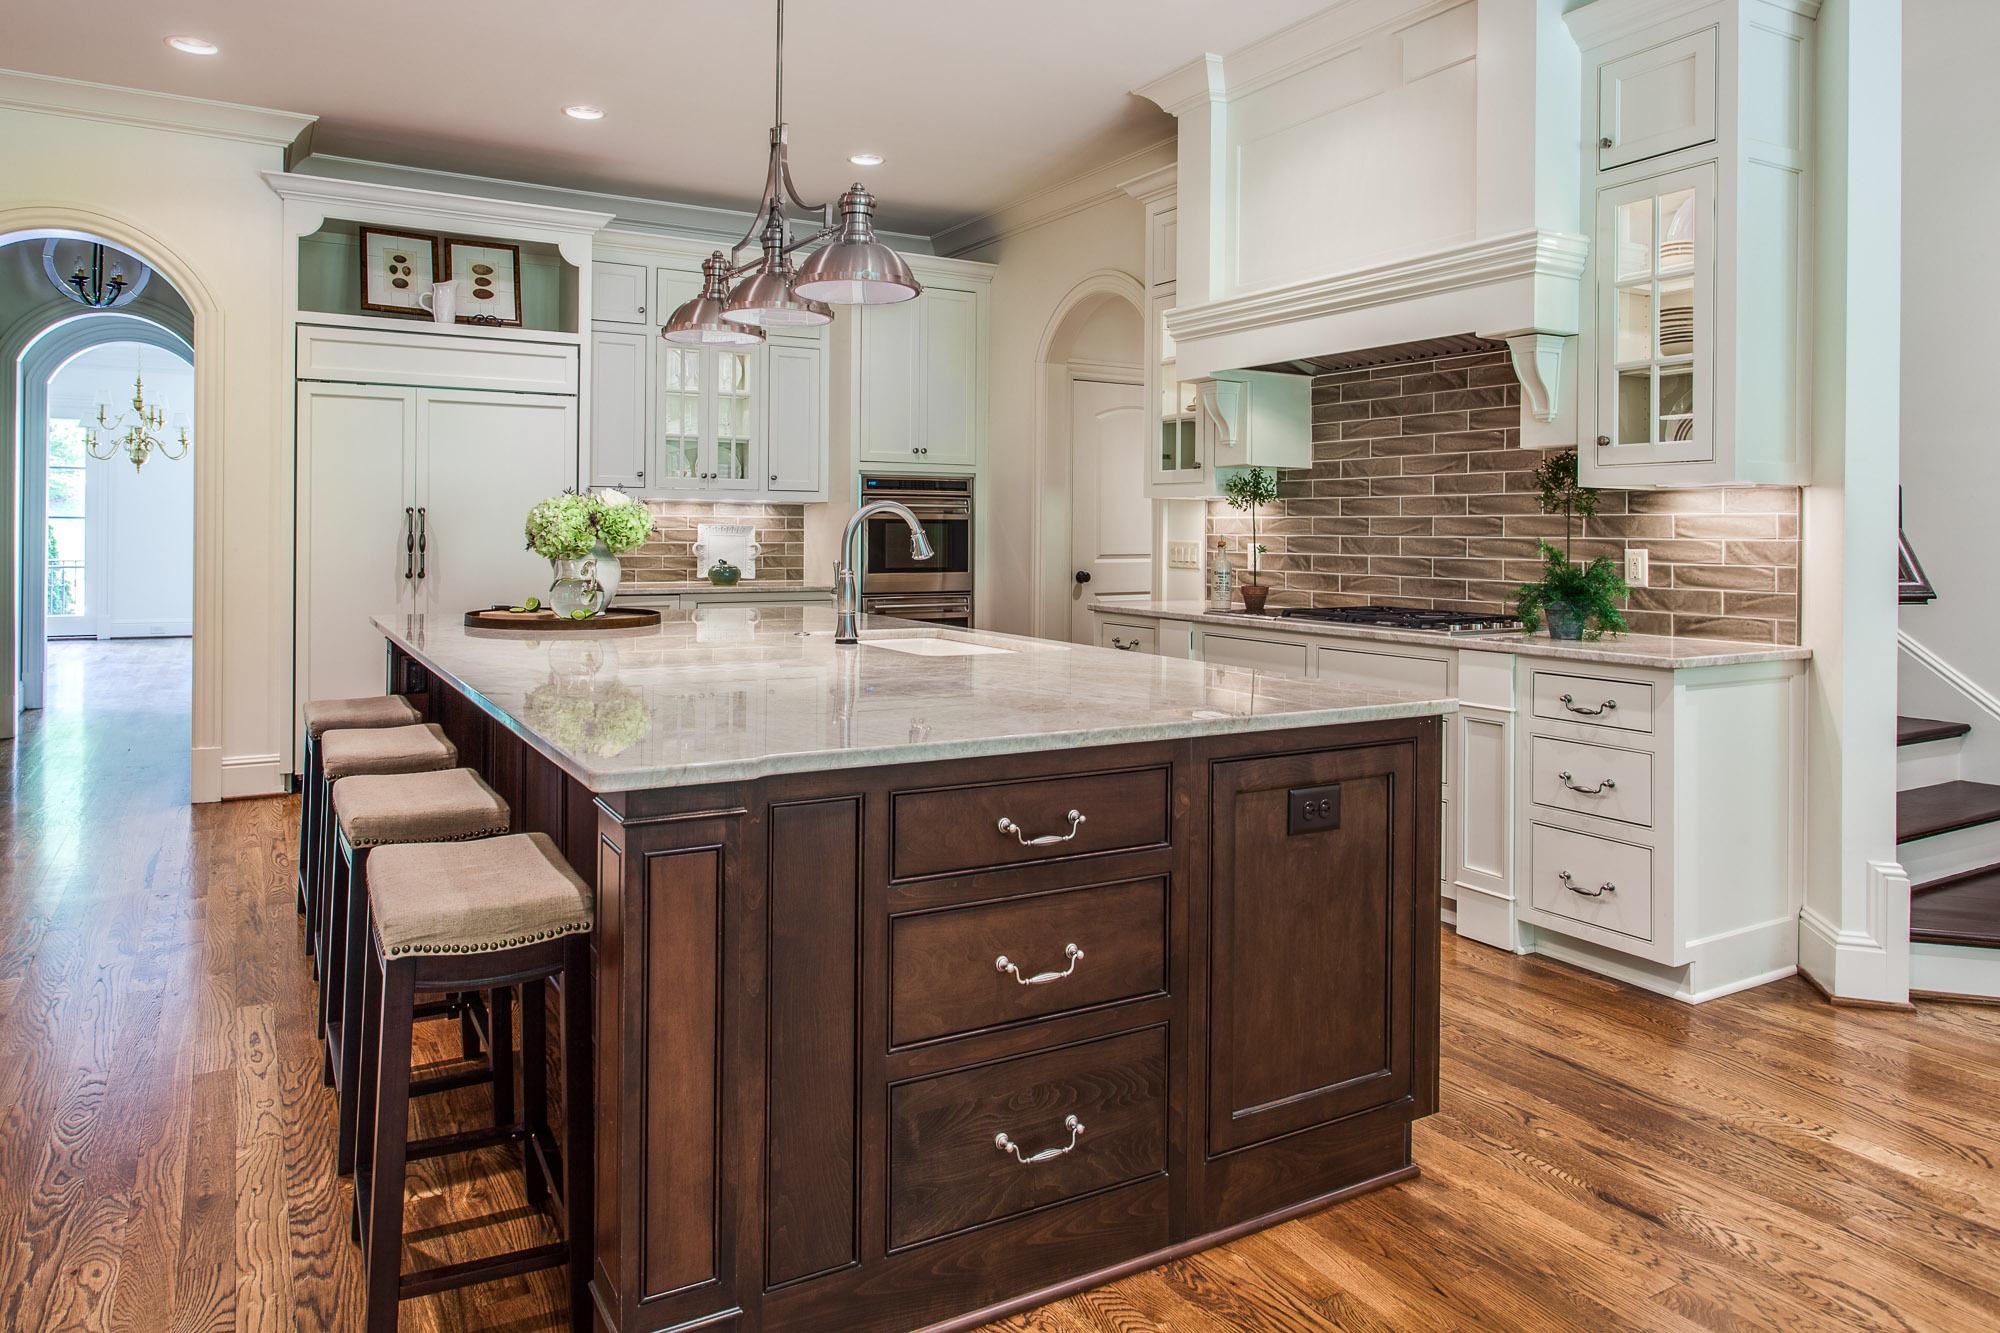 Builder: Davis Properties